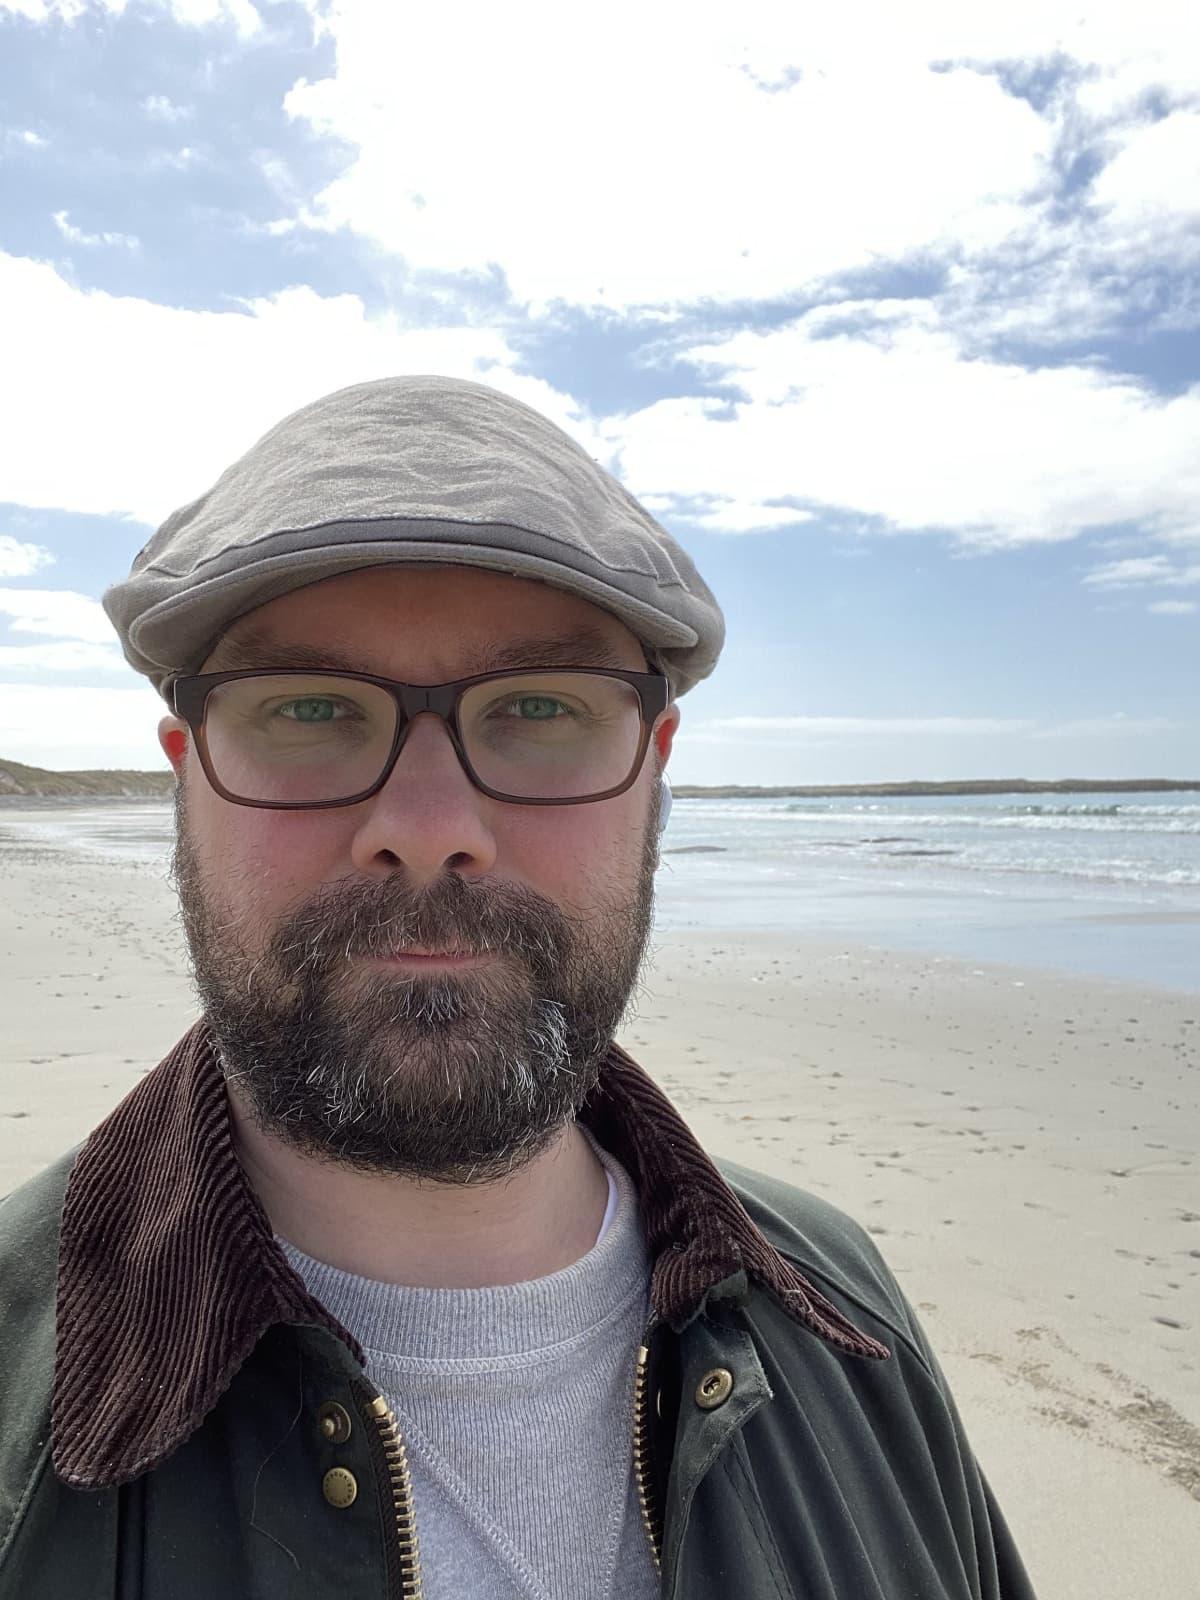 Lasse Hämäläisen ottama selfie hiekkarannalla Ulko-Herbidien saarella.